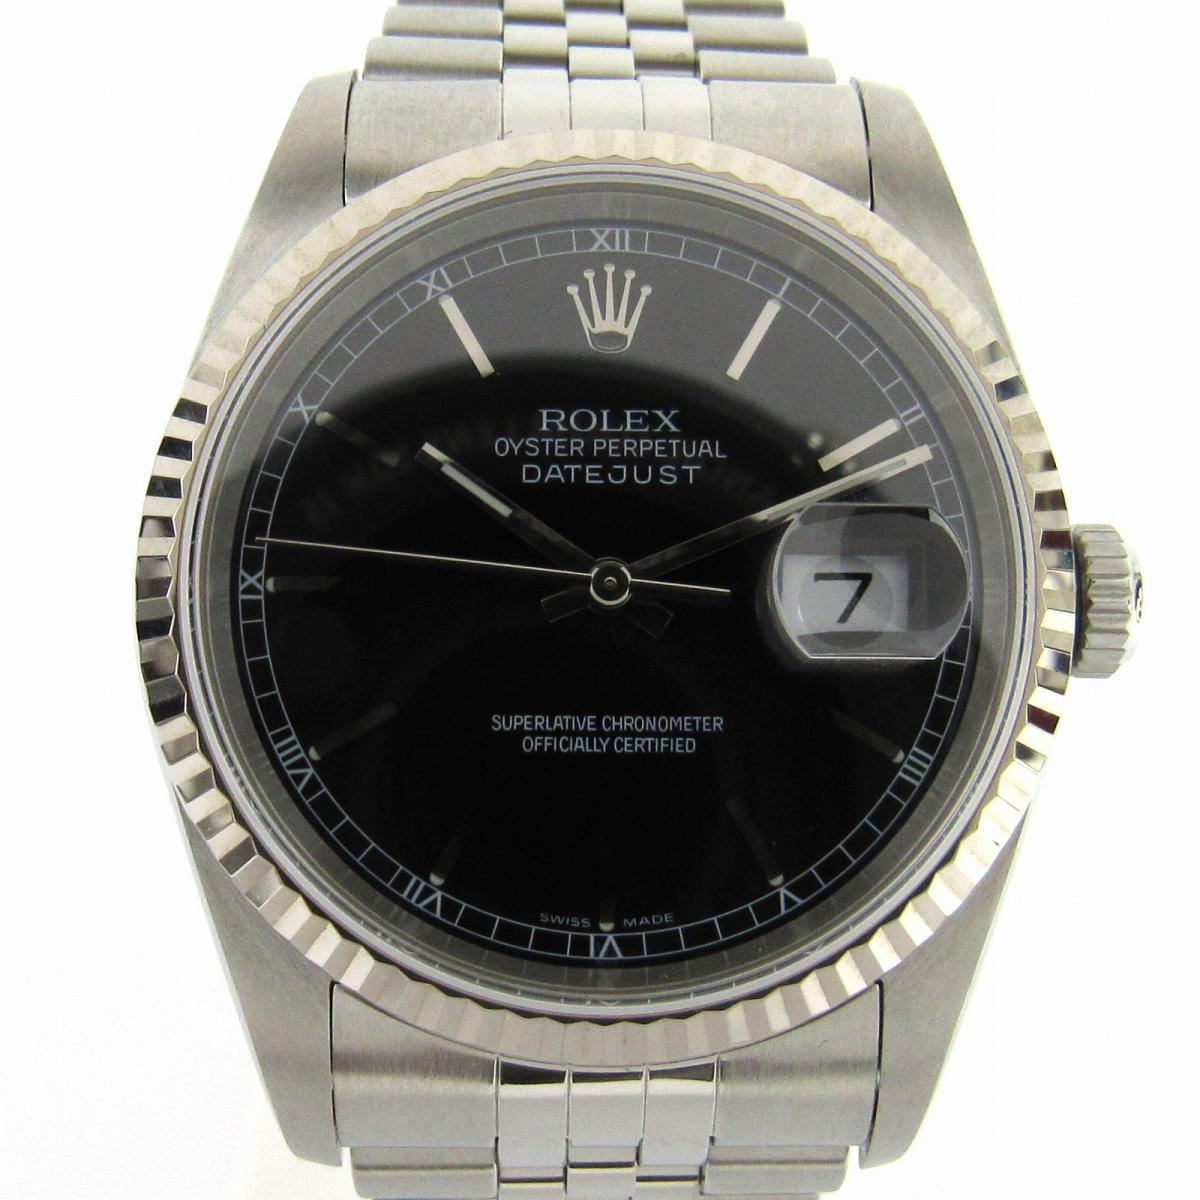 【中古】 ロレックス デイトジャスト ウォッチ 腕時計 メンズ ステンレススチール (SS) (16234 Y番)   ROLEX オートマチック 自動巻き 時計 デイトジャスト 美品 ブランドオフ